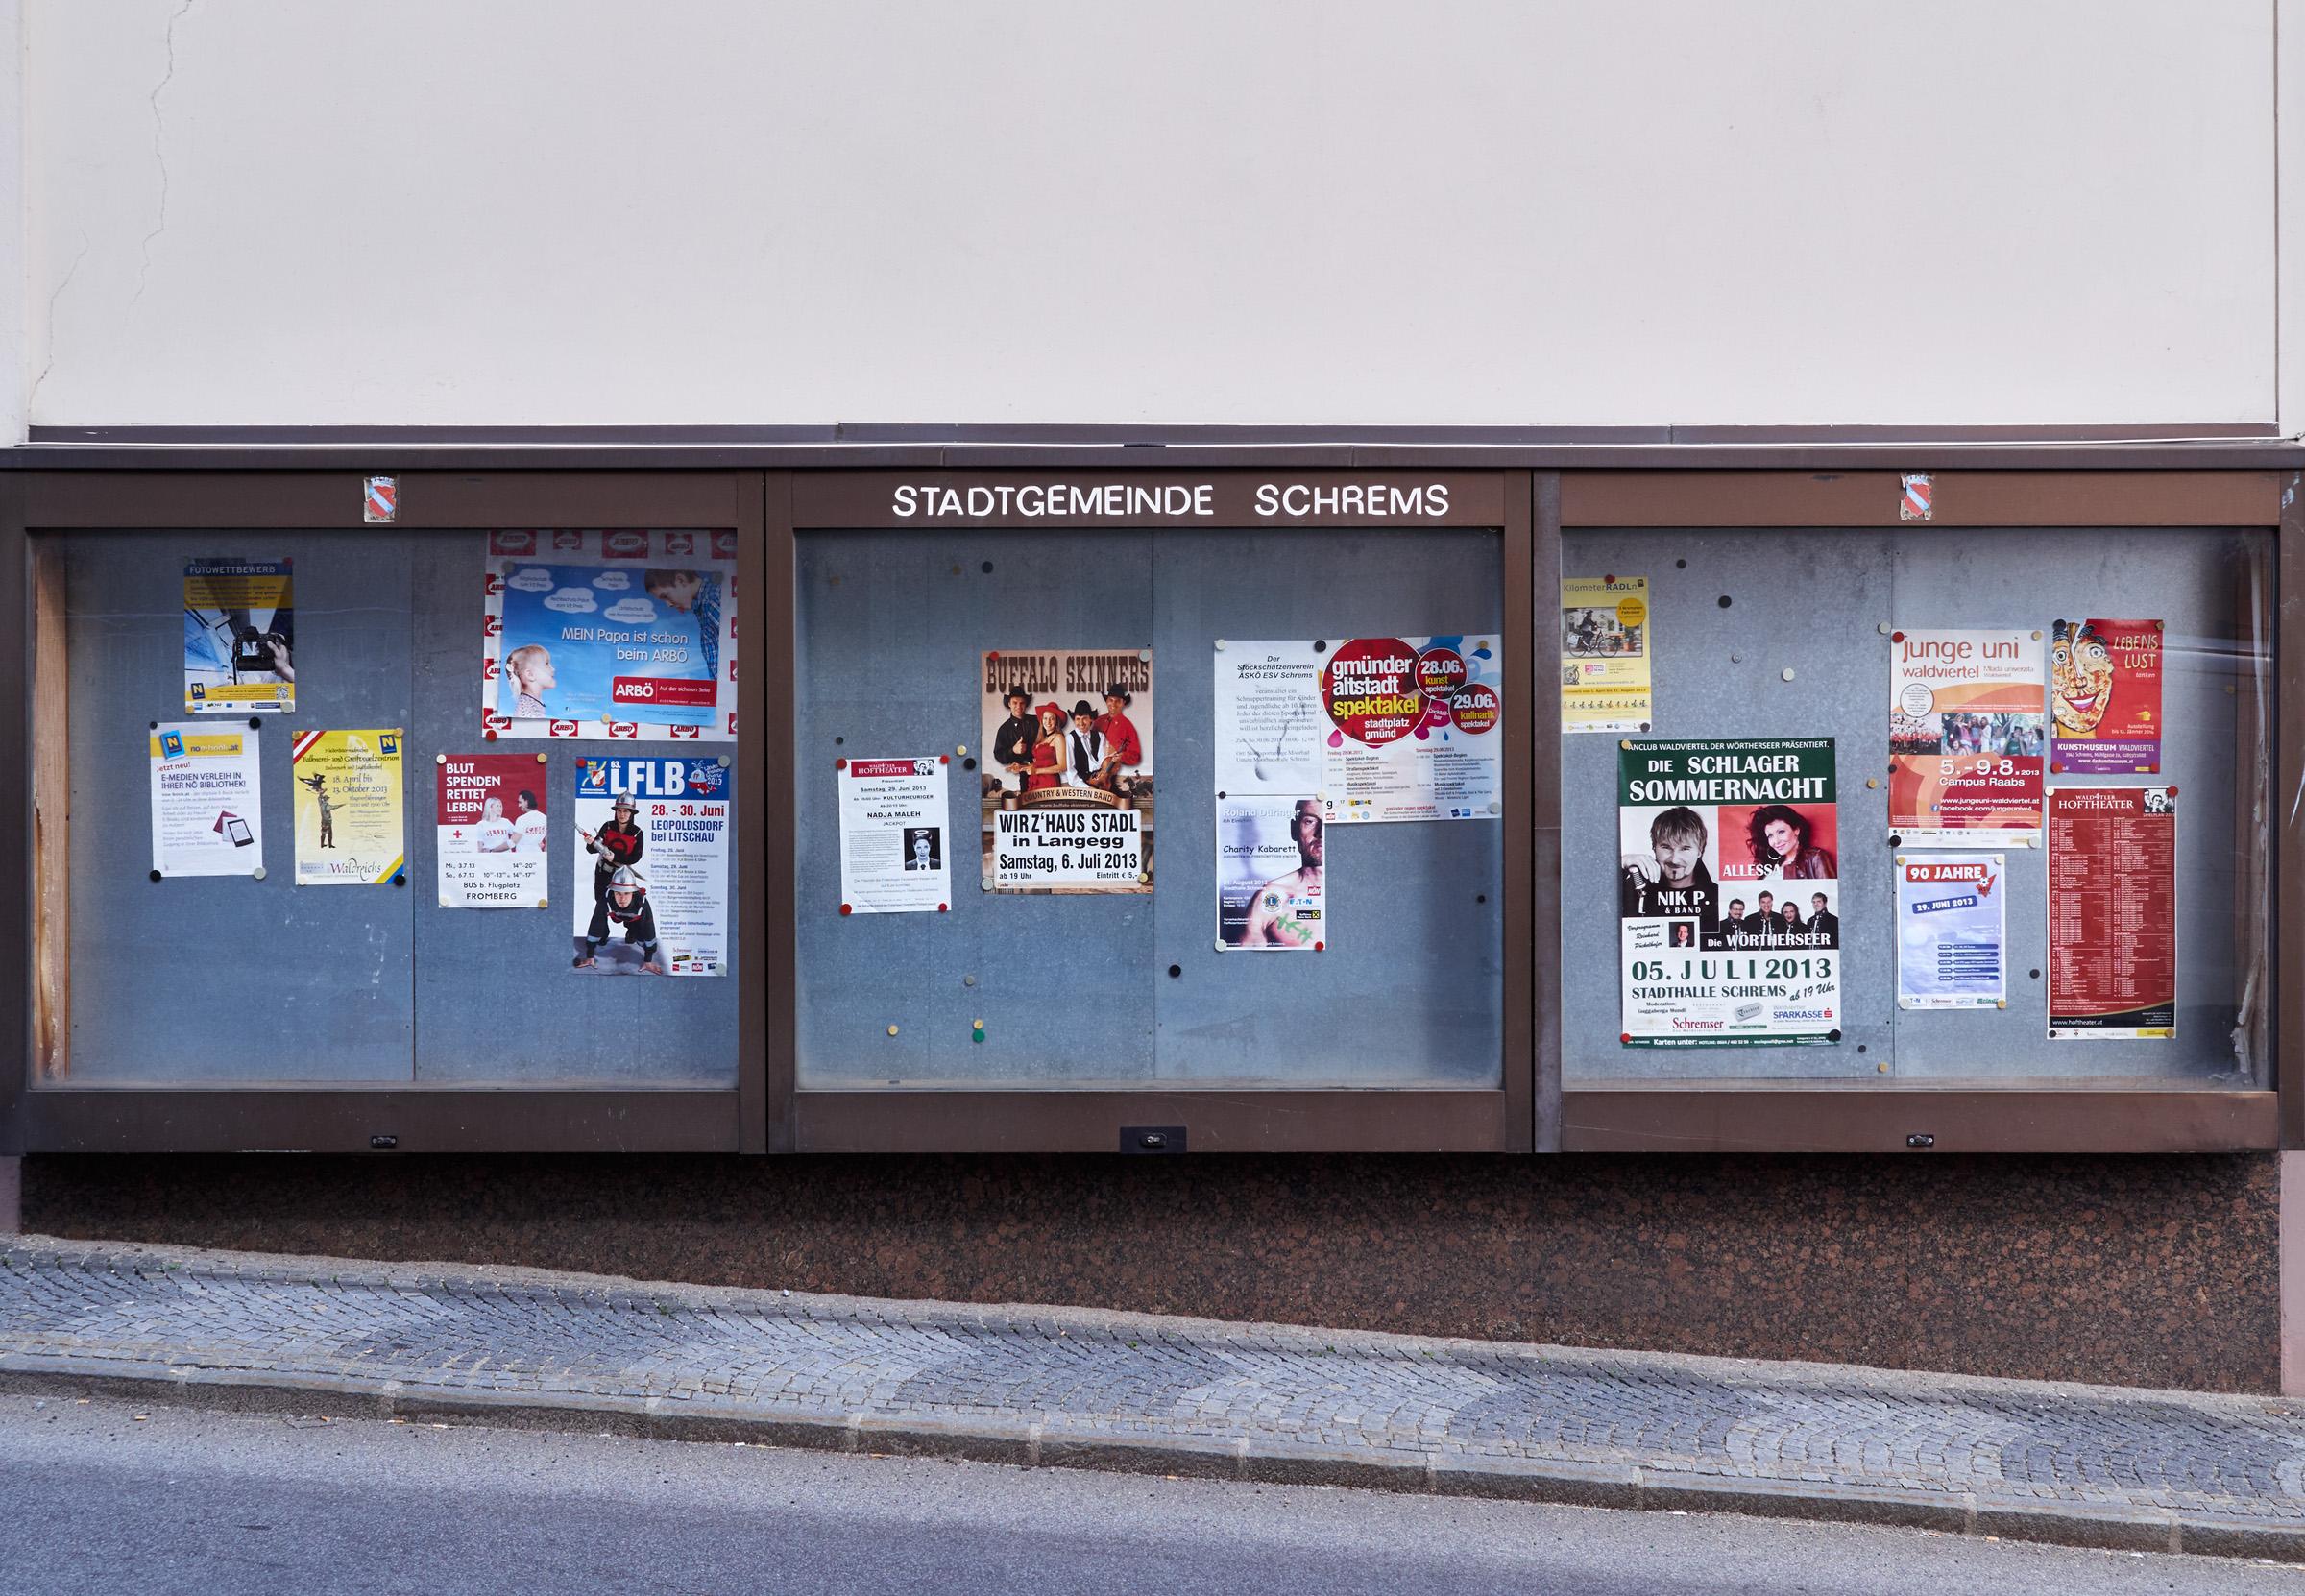 Schrems Josef-Widy-Straße nah 2013-07-09.jpg